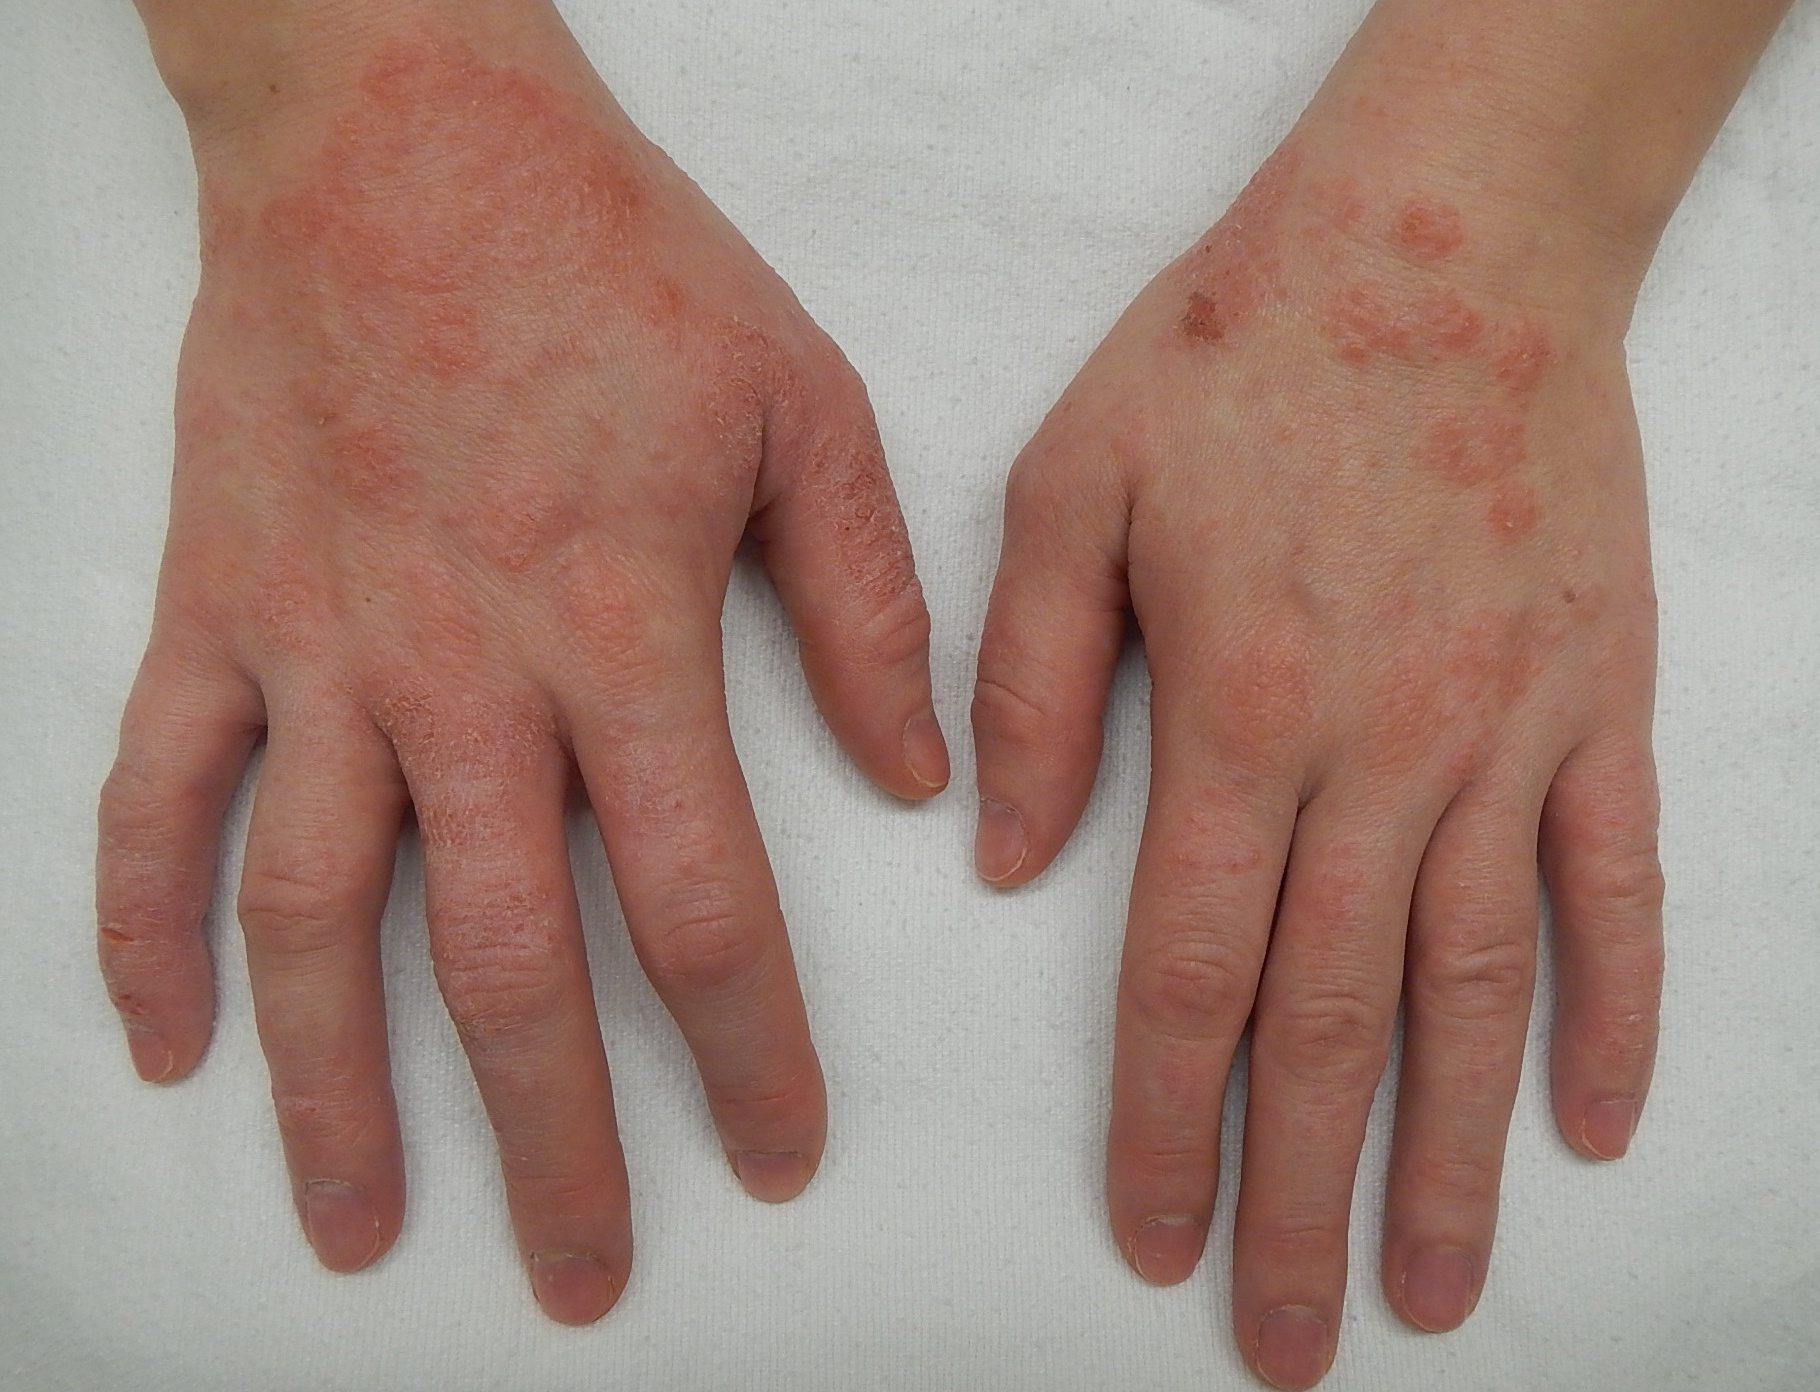 miért vannak vörös foltok az ujjakon